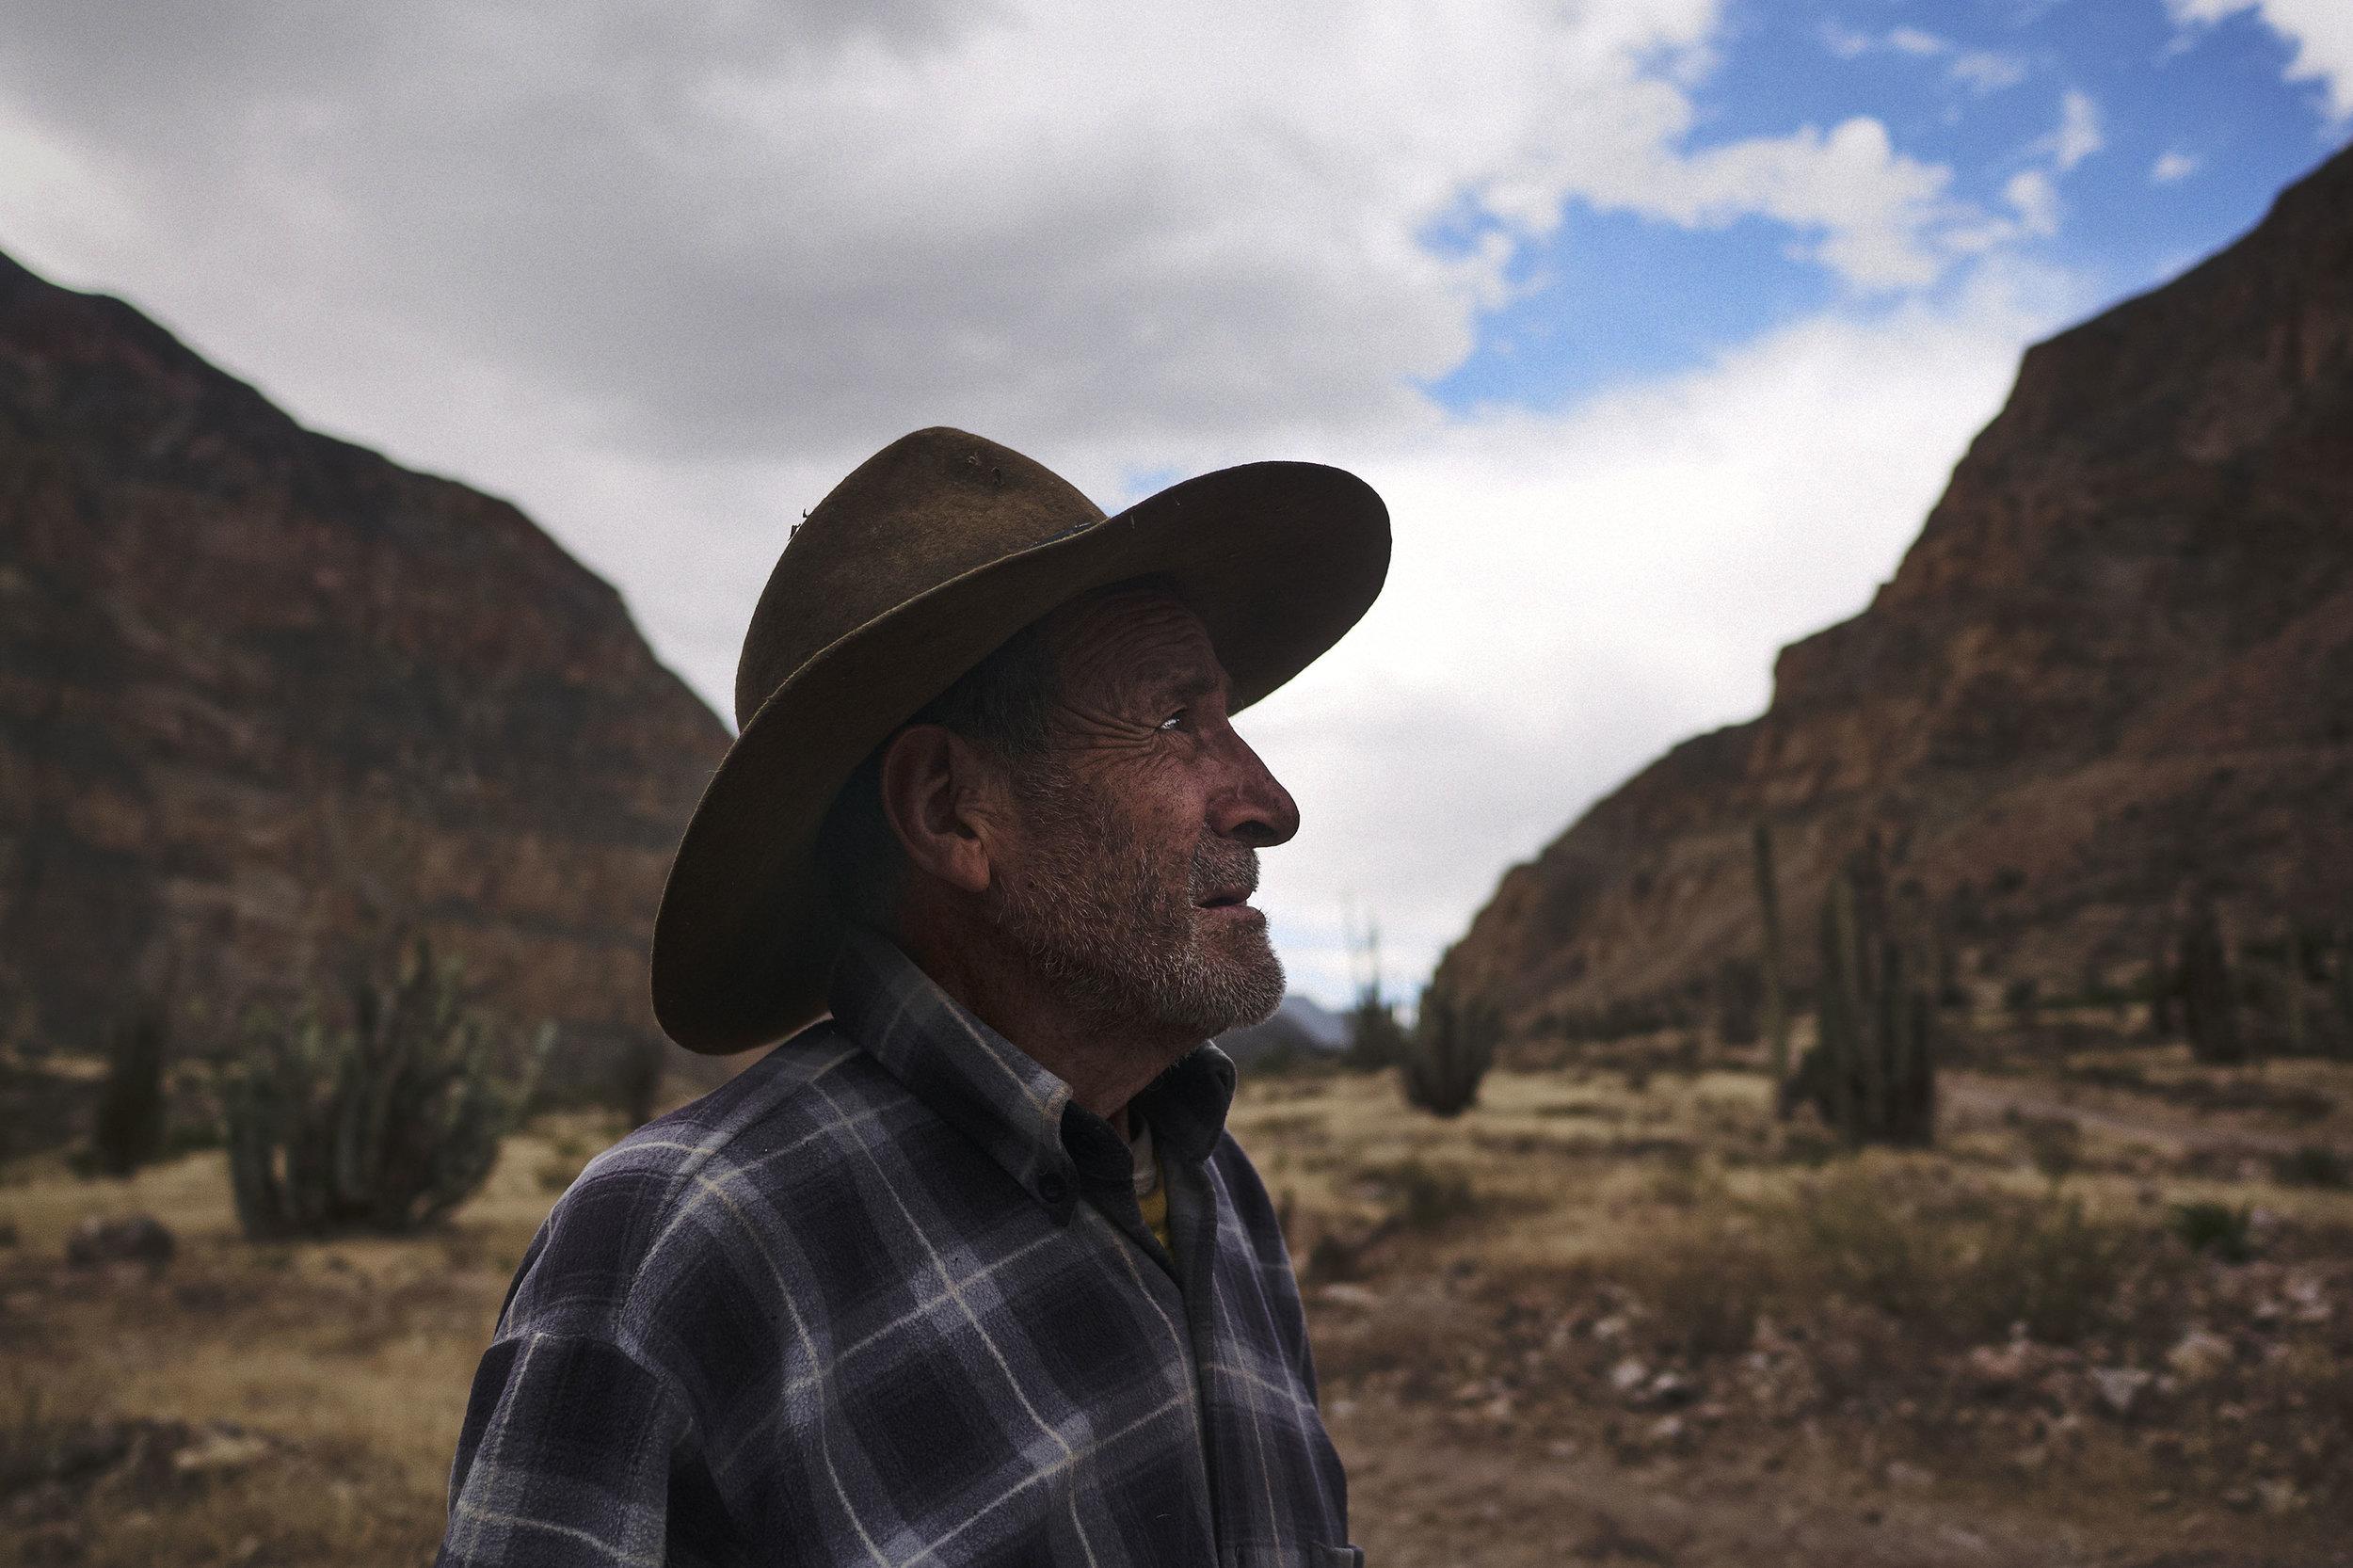 Peruvean cowboy in Cotohuasi canyon